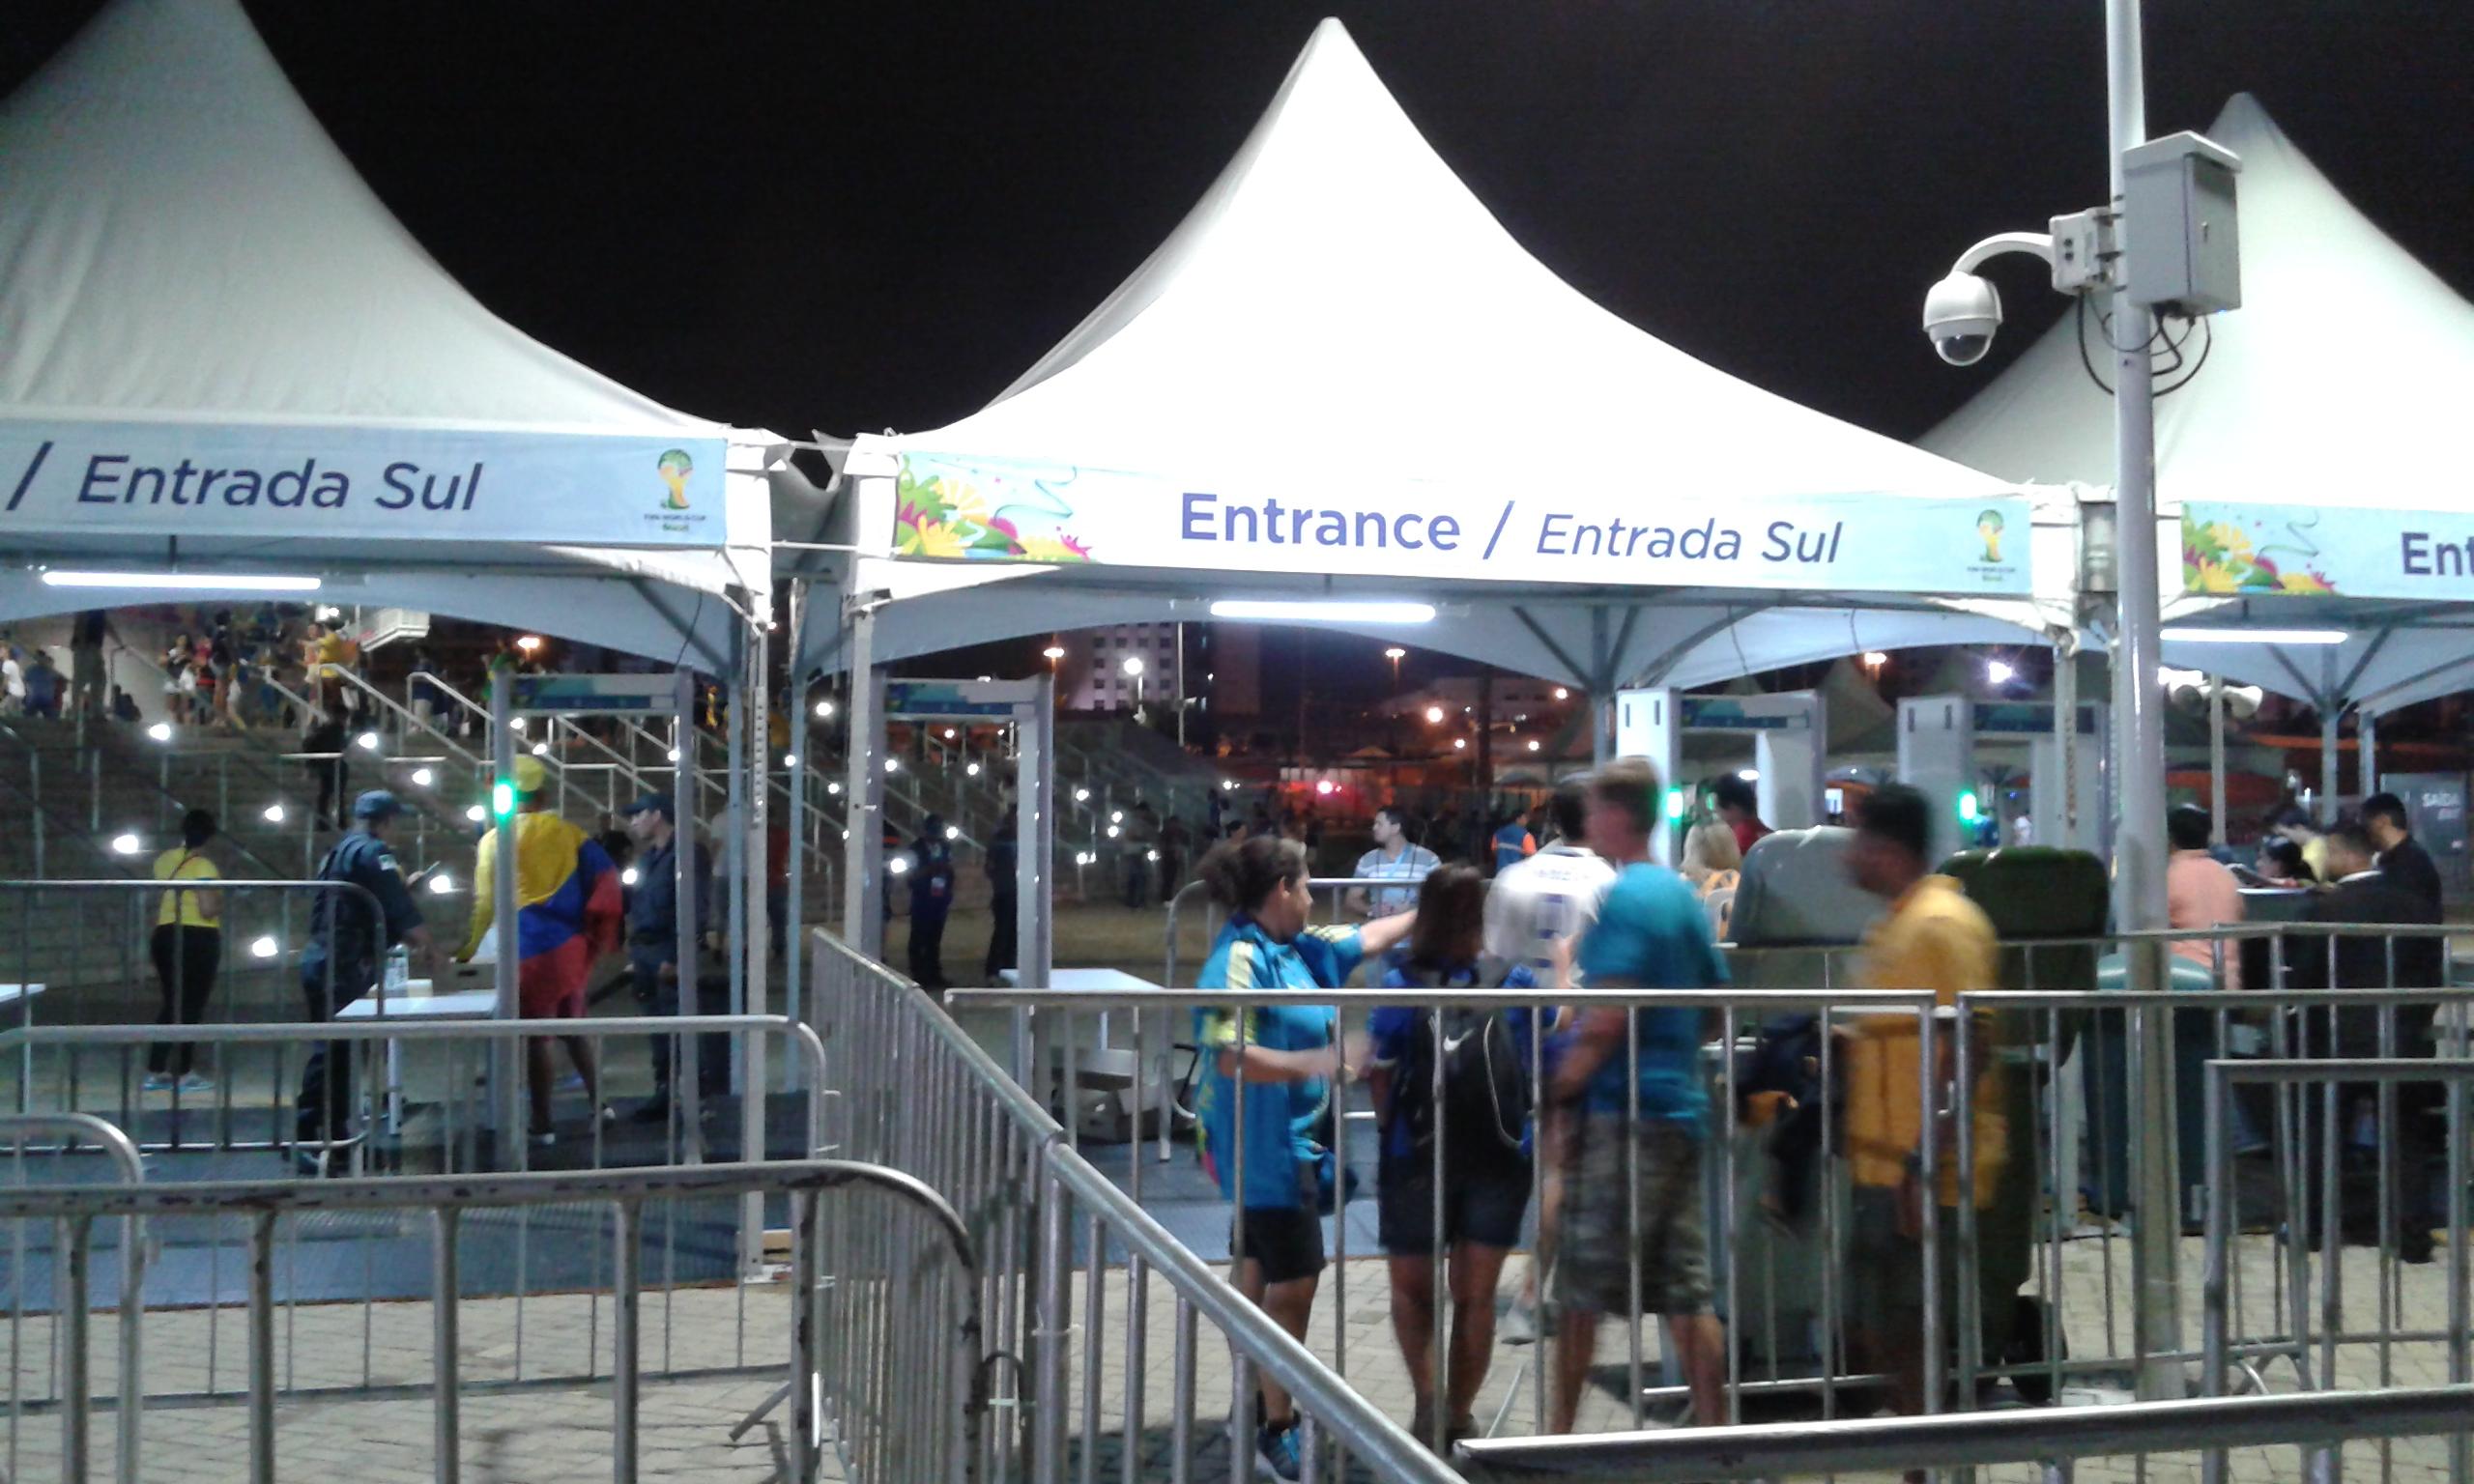 L'ambience de tranquillité pendant l'entrée des supporters dans le porte sud du stade Aréna des Dunas par occasion du match de foot Japon -  Grèce (0-0). Crédite photo: Fabio Santana)